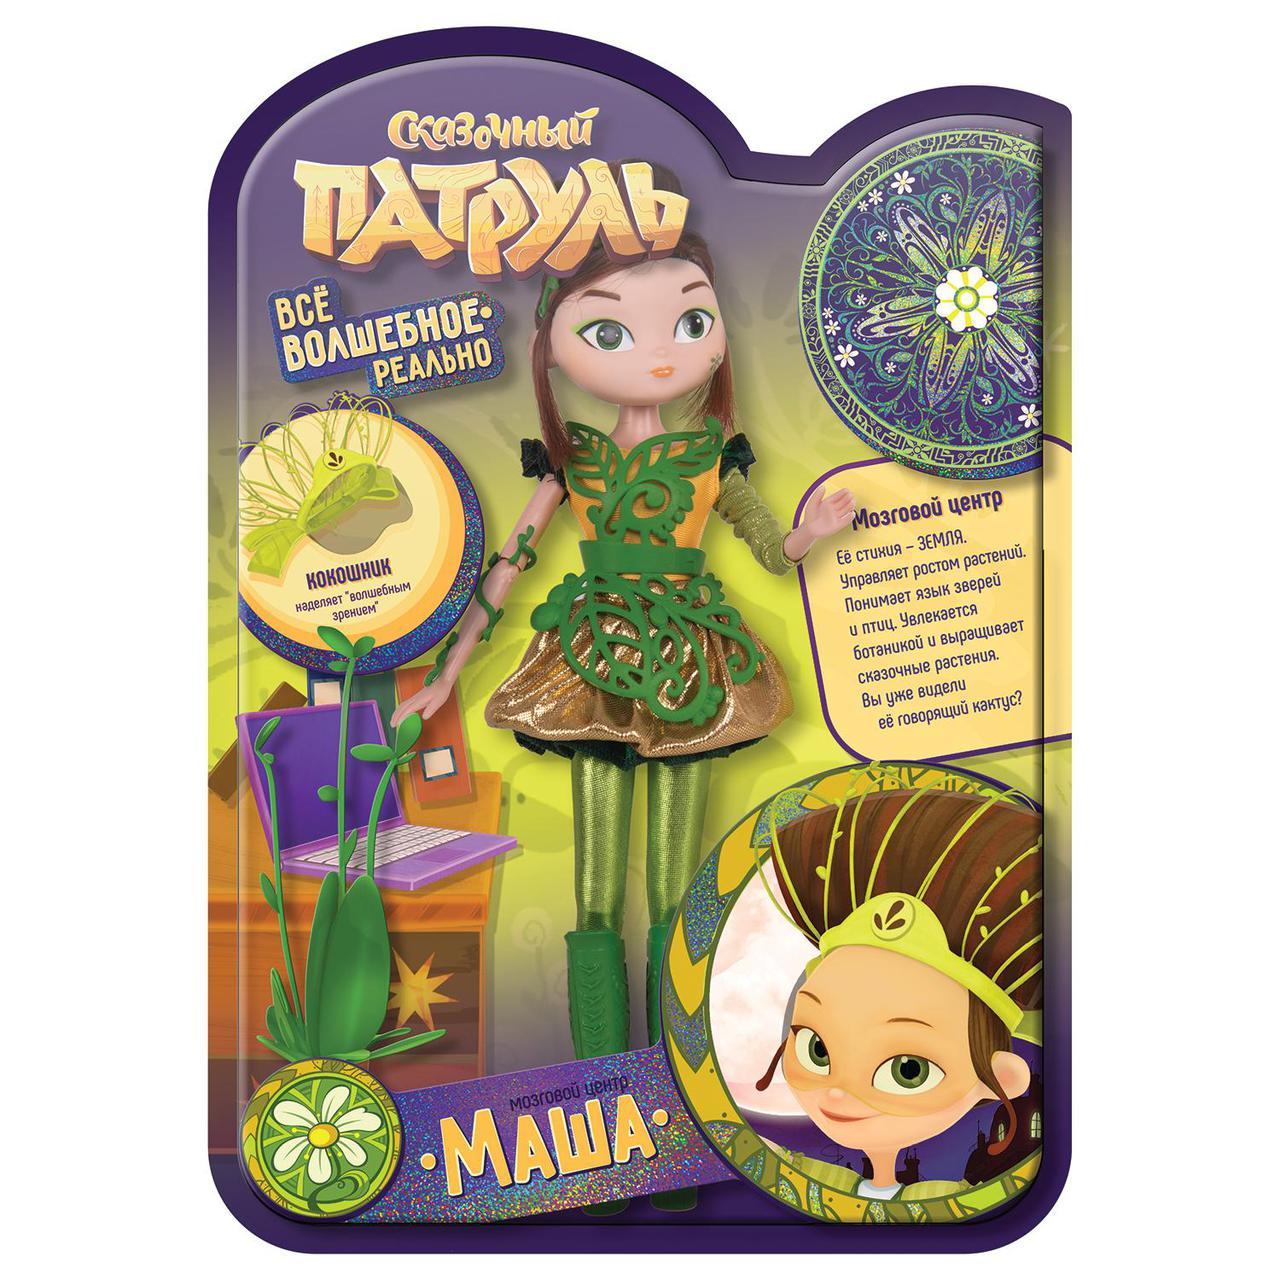 Кукла из серии Magic МАША (Сказочный патруль, Россия) - фото 4